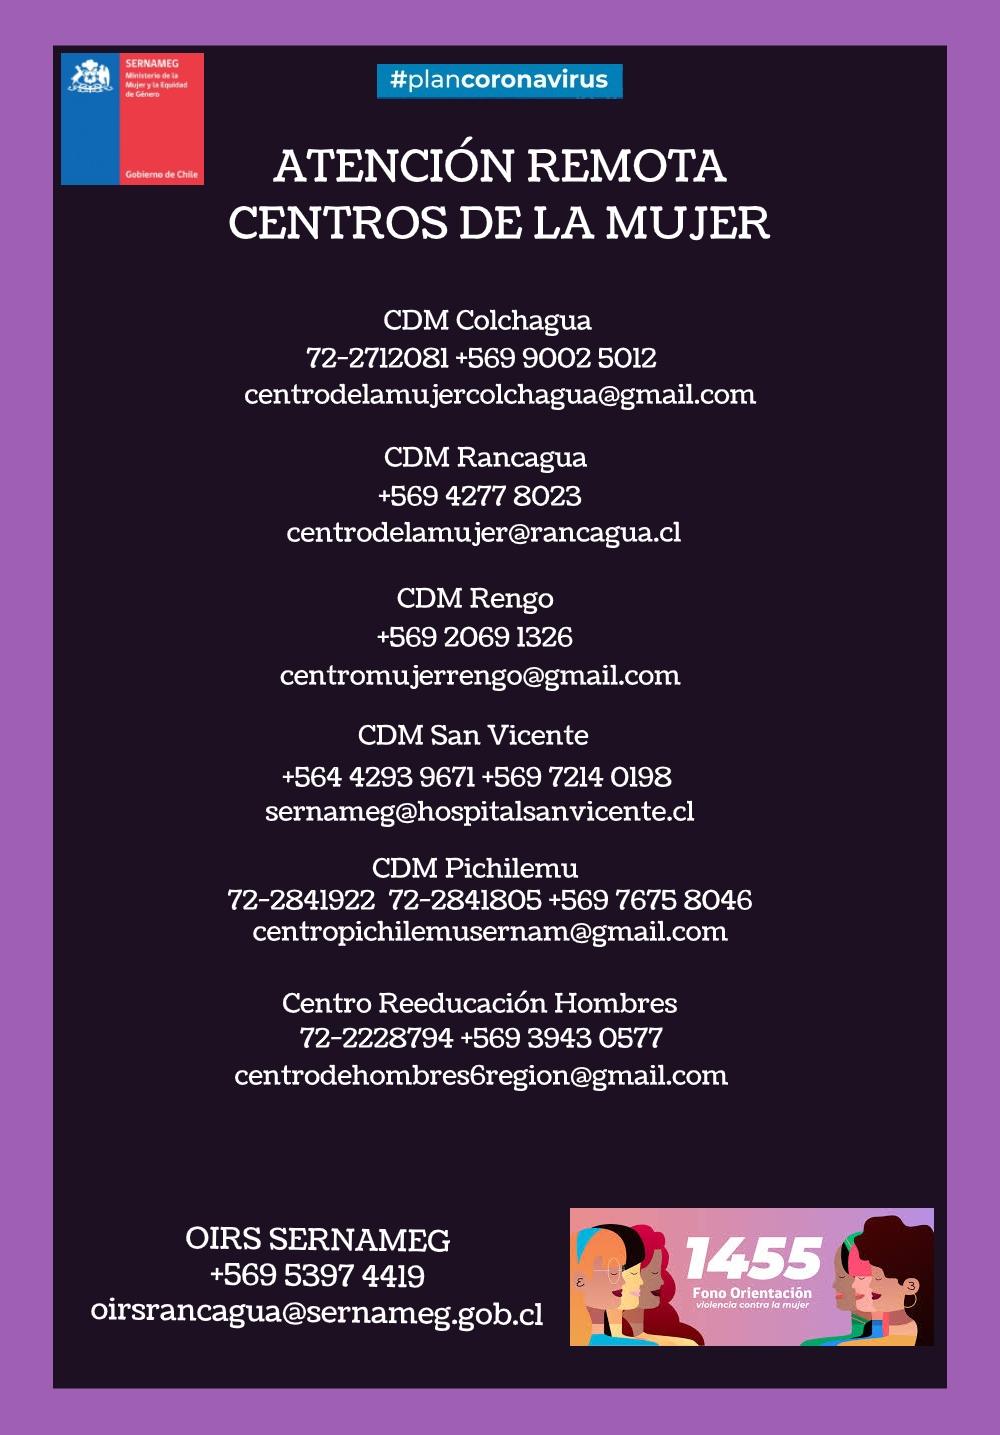 ATENCIÓN REMOTA DE LOS CENTROS DE LA MUJER EN LA REGIÓN DE O'HIGGINS